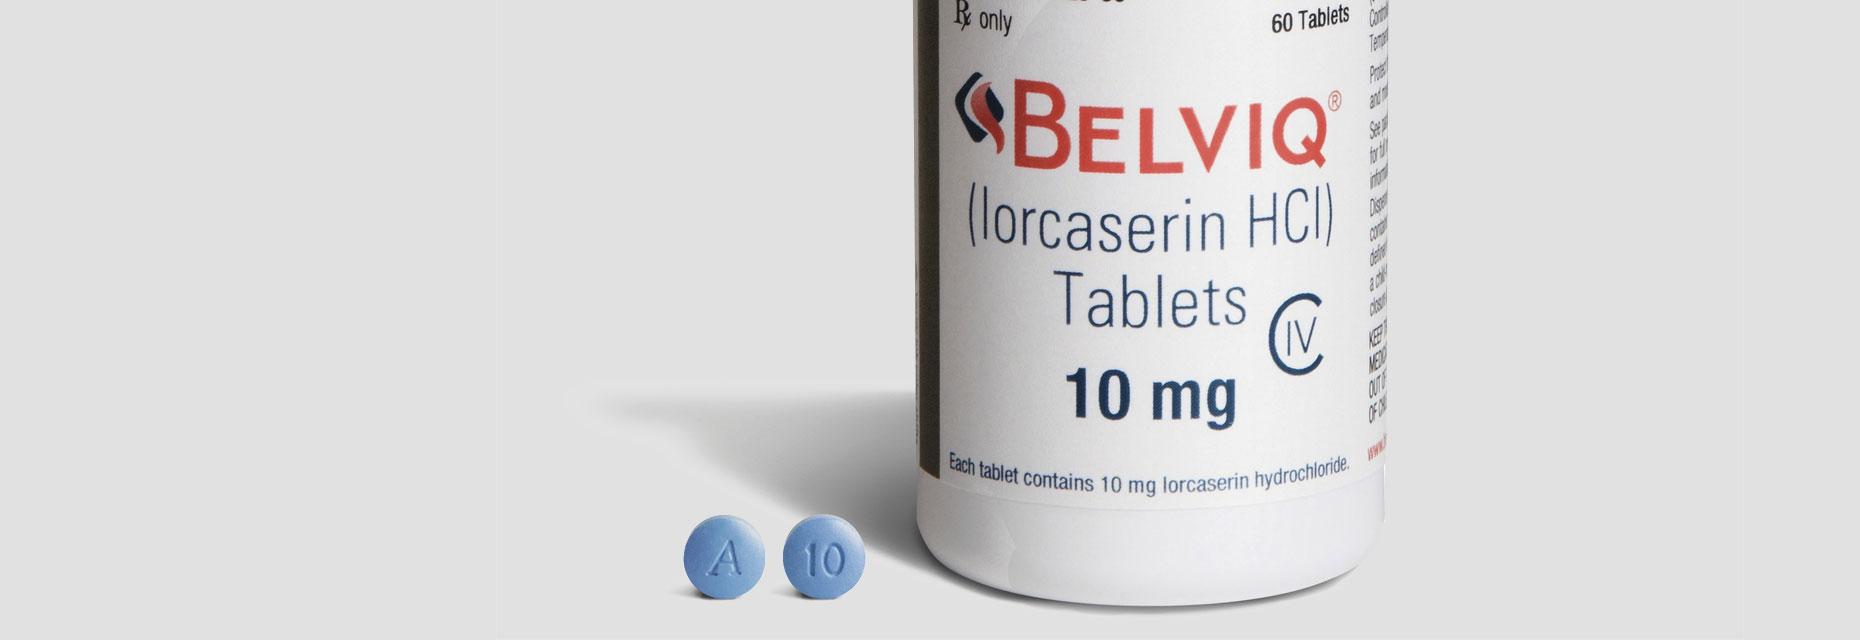 Belviq pills